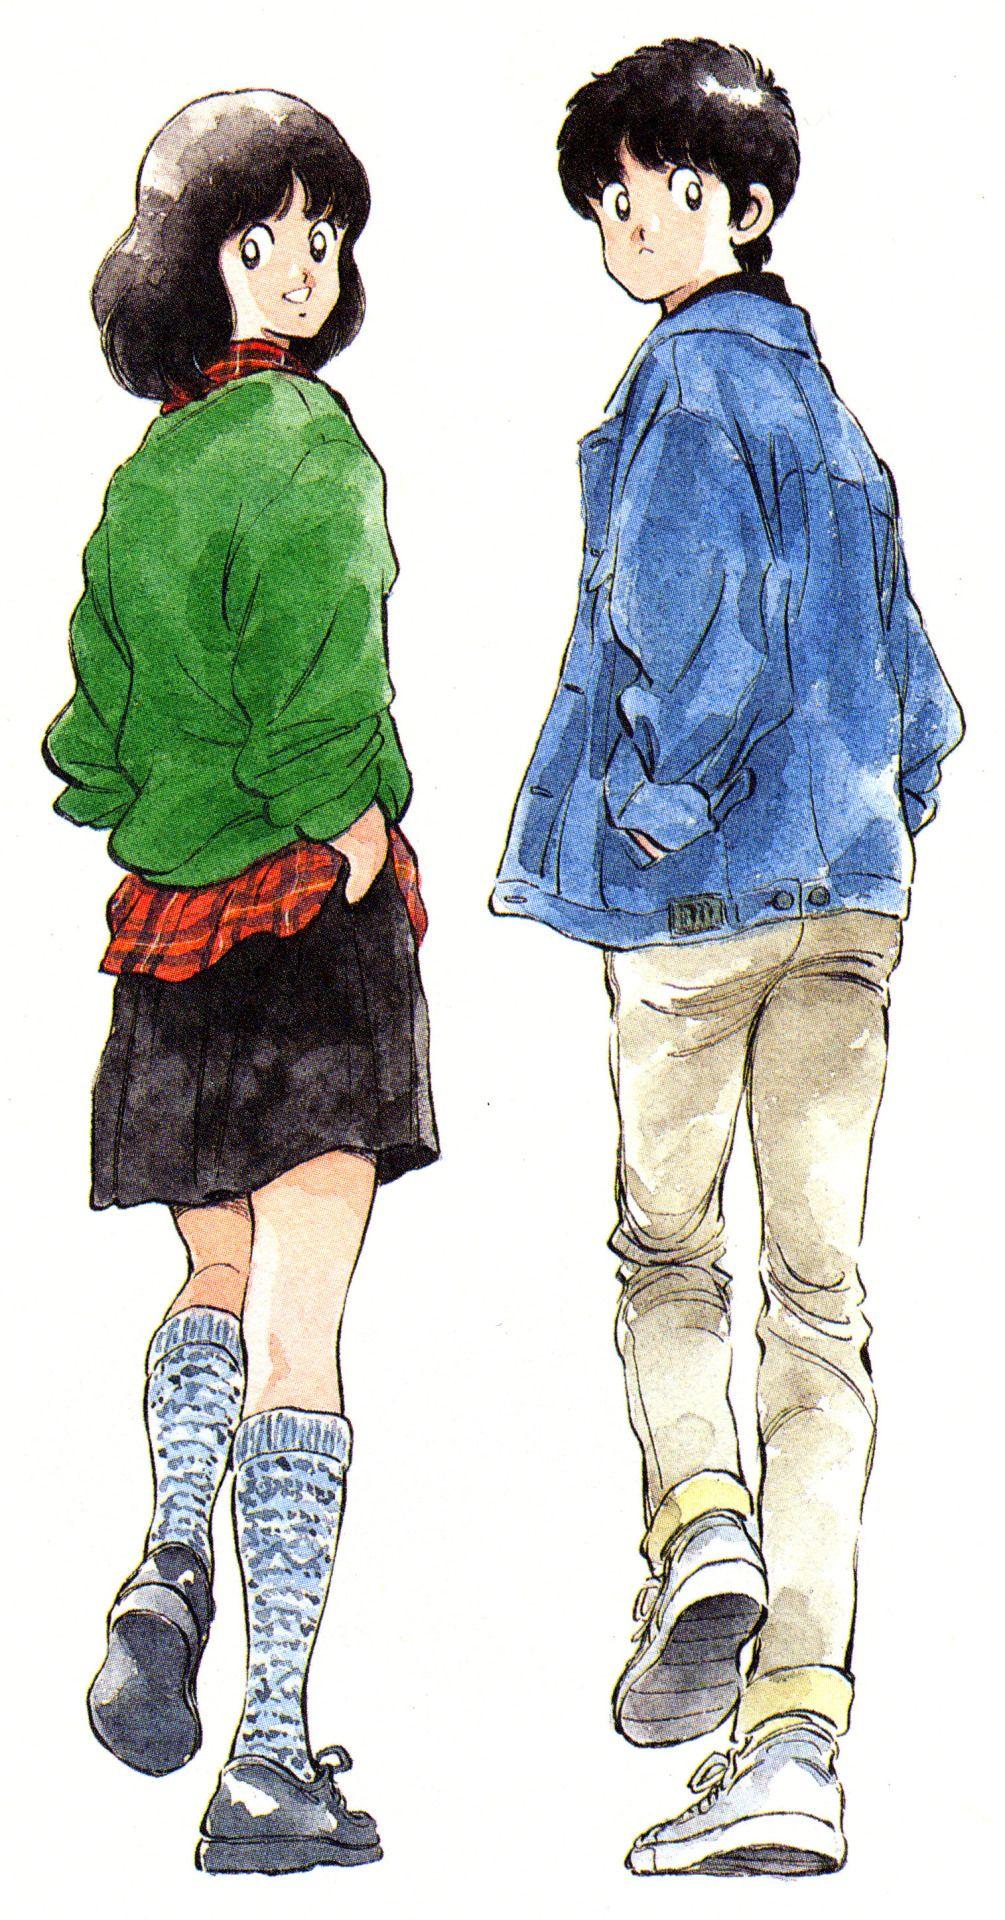 Anime Past — Touch (1981) 일러스트레이션, 일본만화, 캐릭터 일러스트